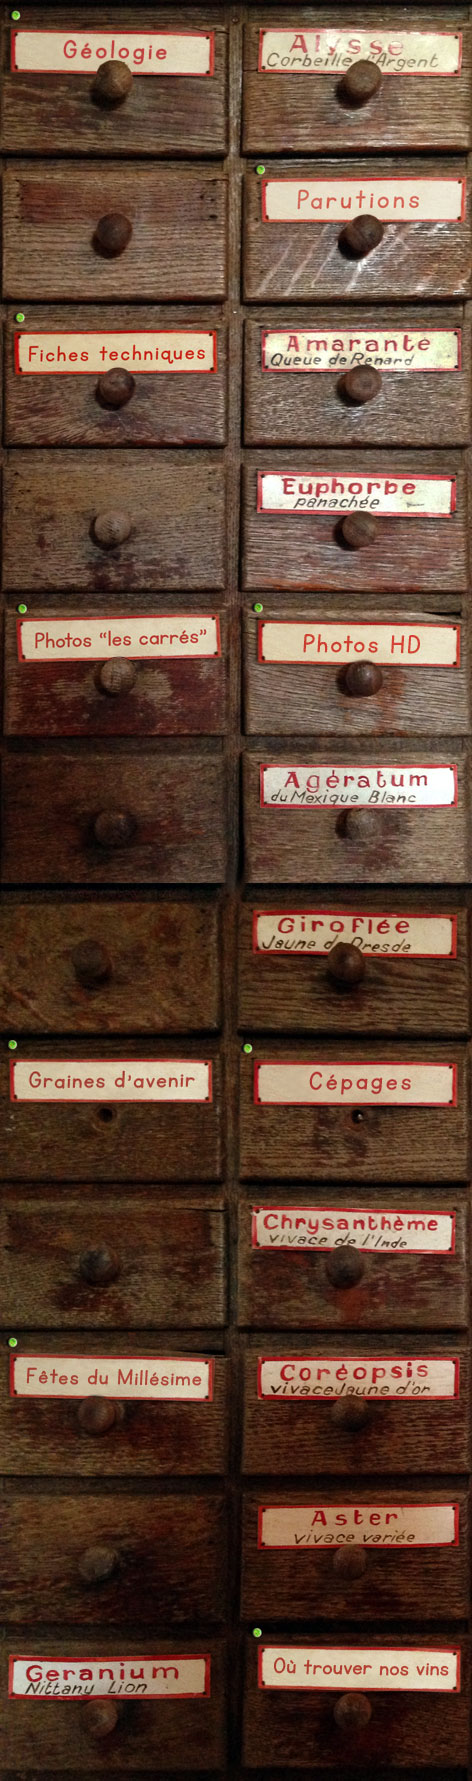 meuble-a-tirroirs2.jpg